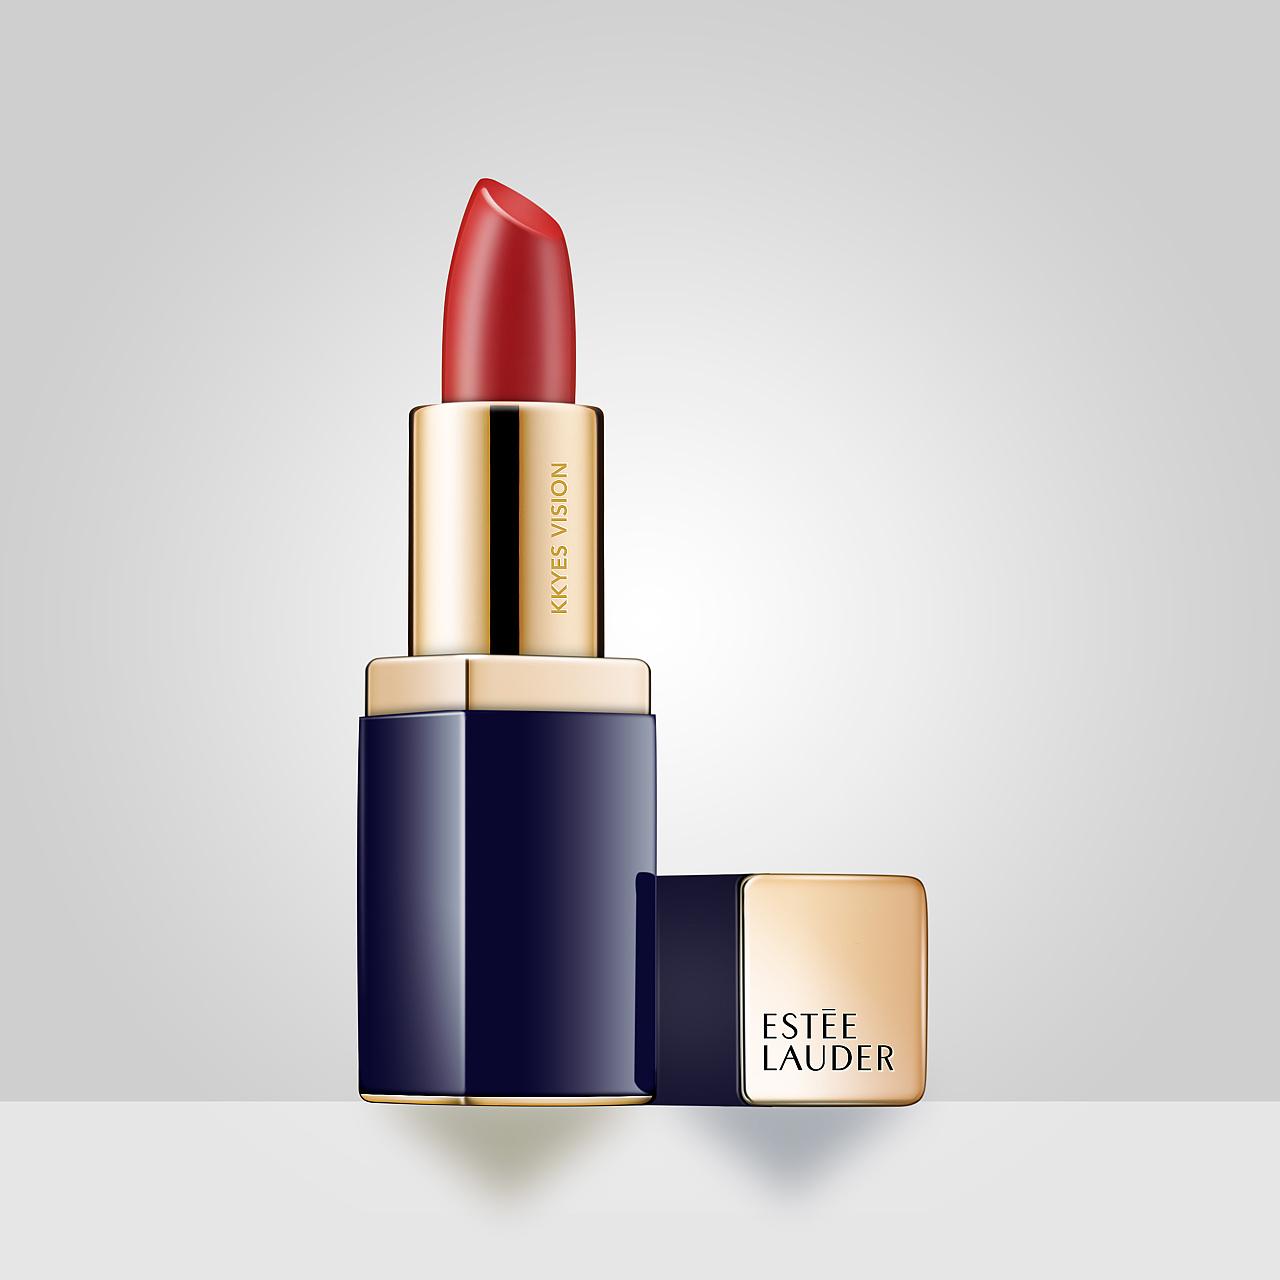 雅詩蘭黛 唇膏 唇彩 口紅 圖片拍攝精修 商業廣告攝影|攝影|修圖/后期|金光高照 - 原創作品 - 站酷 (ZCOOL)